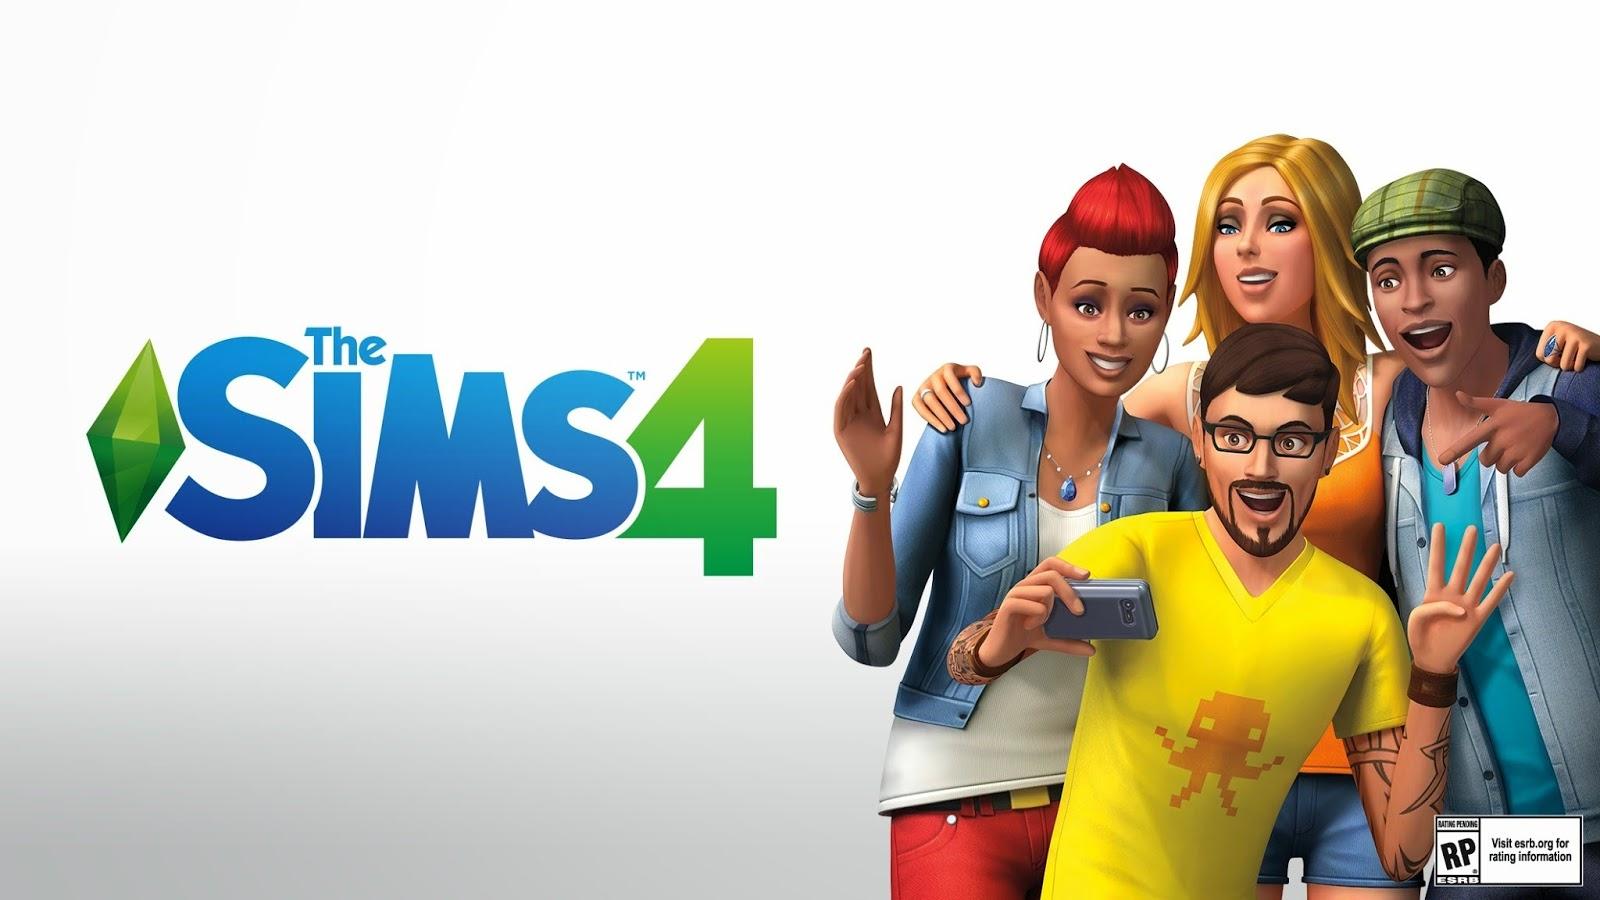 模擬市民4:星夢起飛 ( The Sims 4 Get Famous v1.48.94.1020/ ALL DLC / MOD / MOD懶人包+The Sim3) 24/12/2018更新 ~ JH Gaming